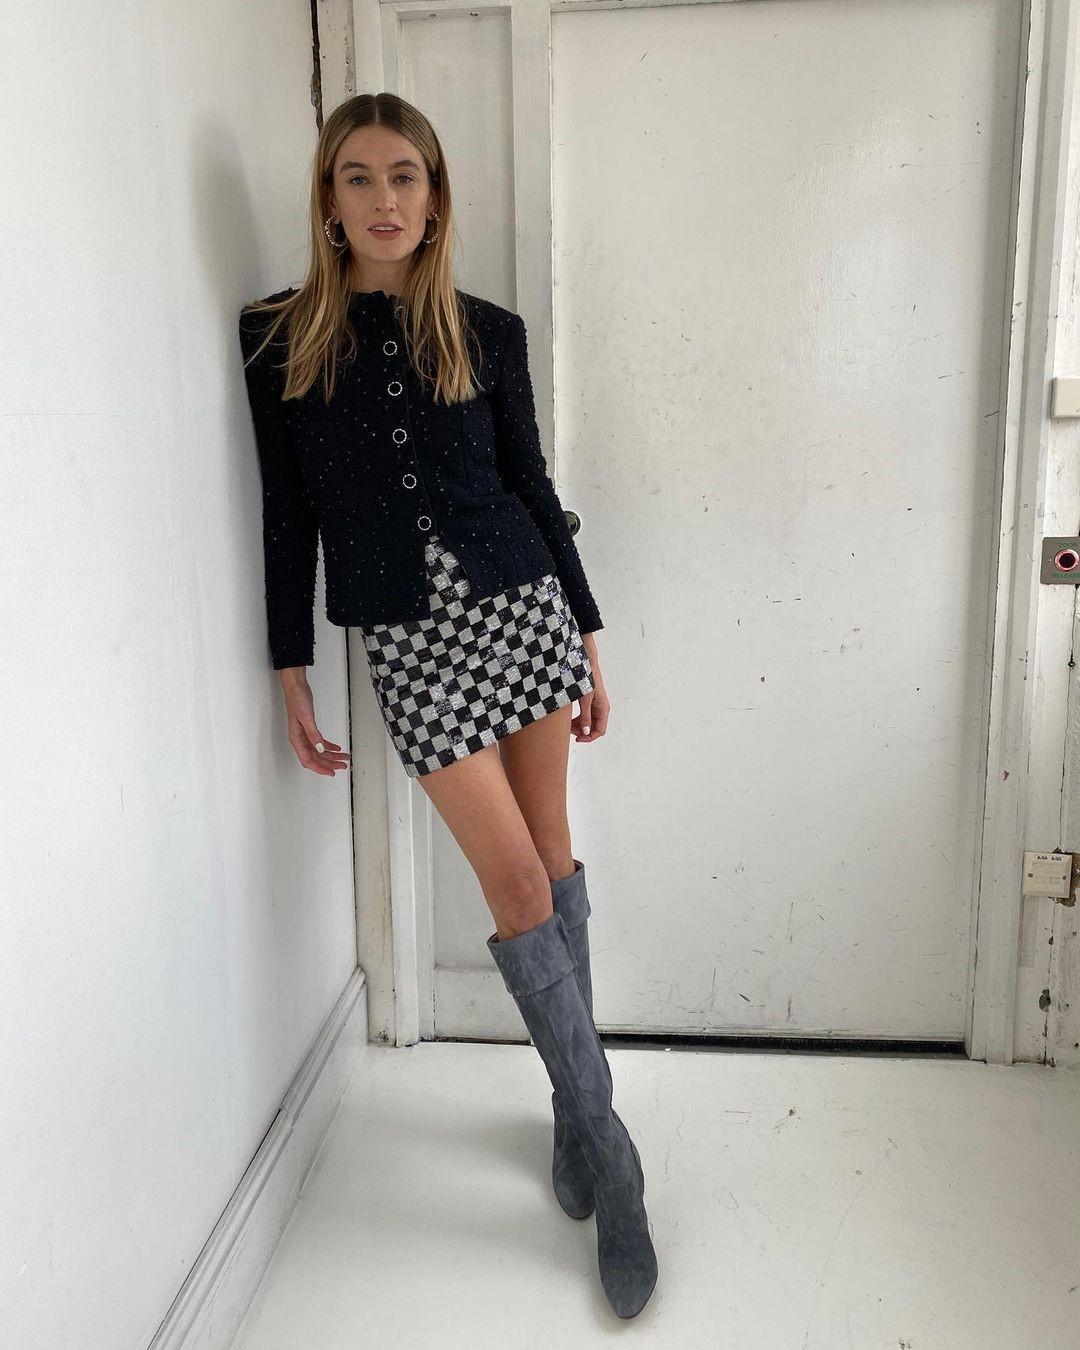 Модные юбки осени 2021: от классической миди до экстравагантной бахромы